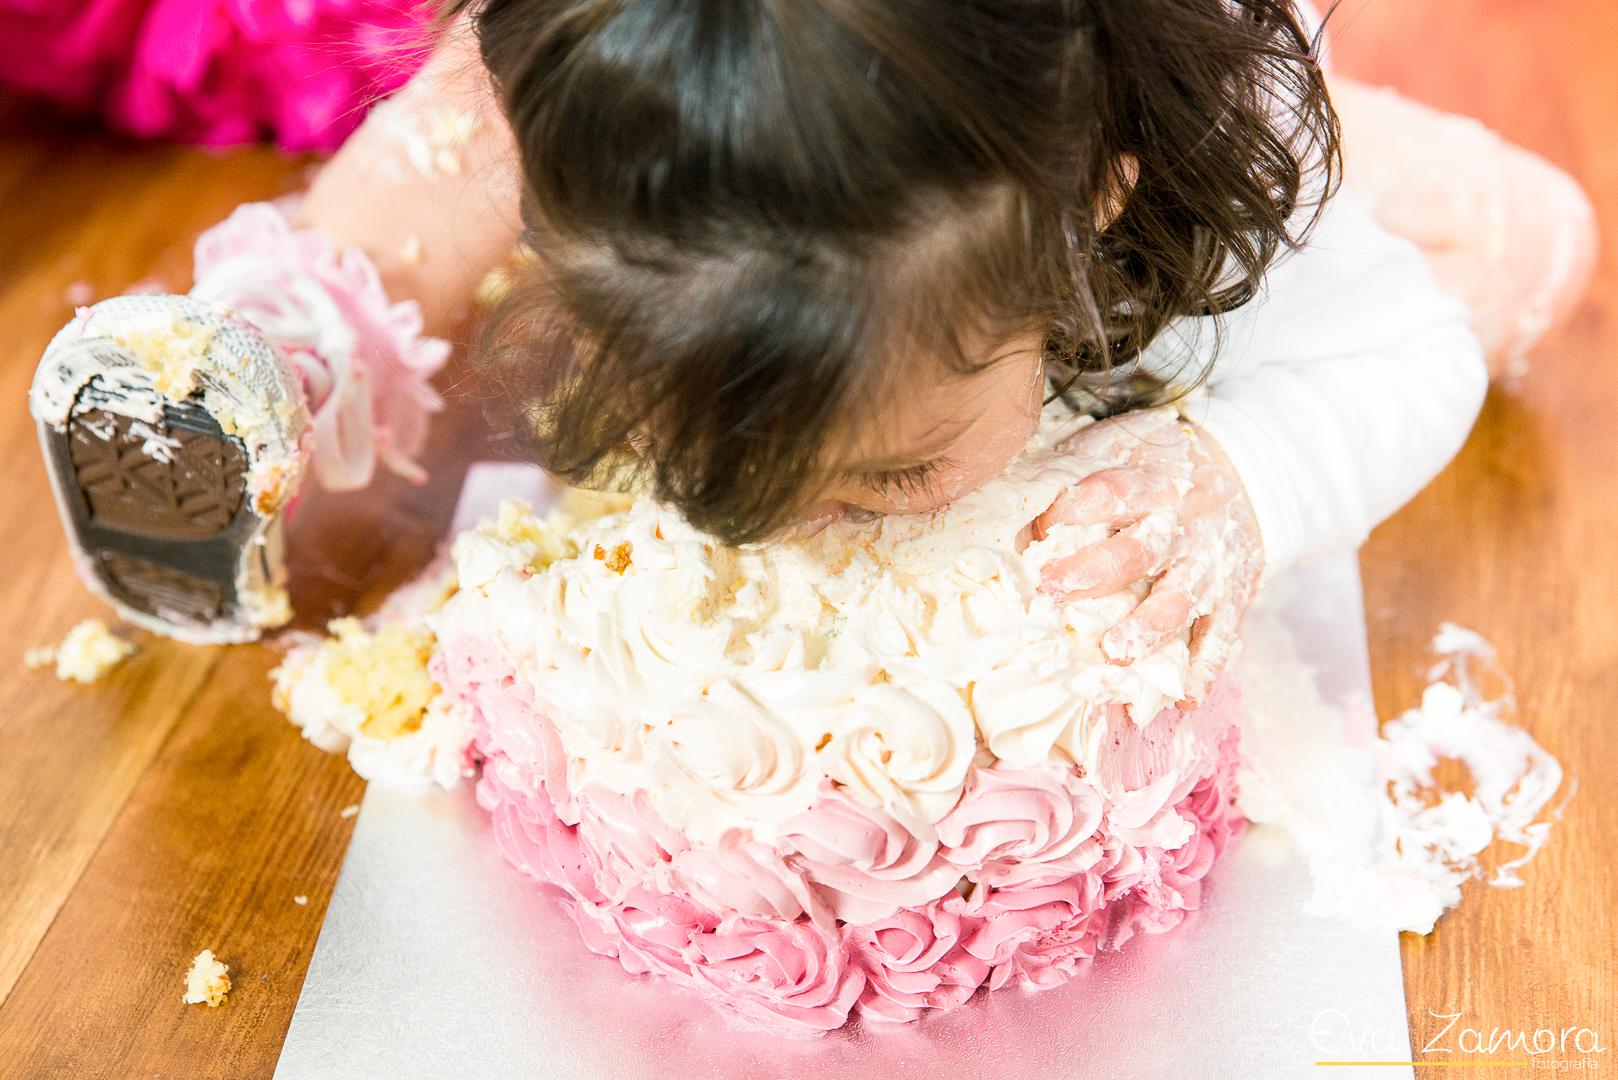 Sesión smash cake_Eva Zamora fotografía